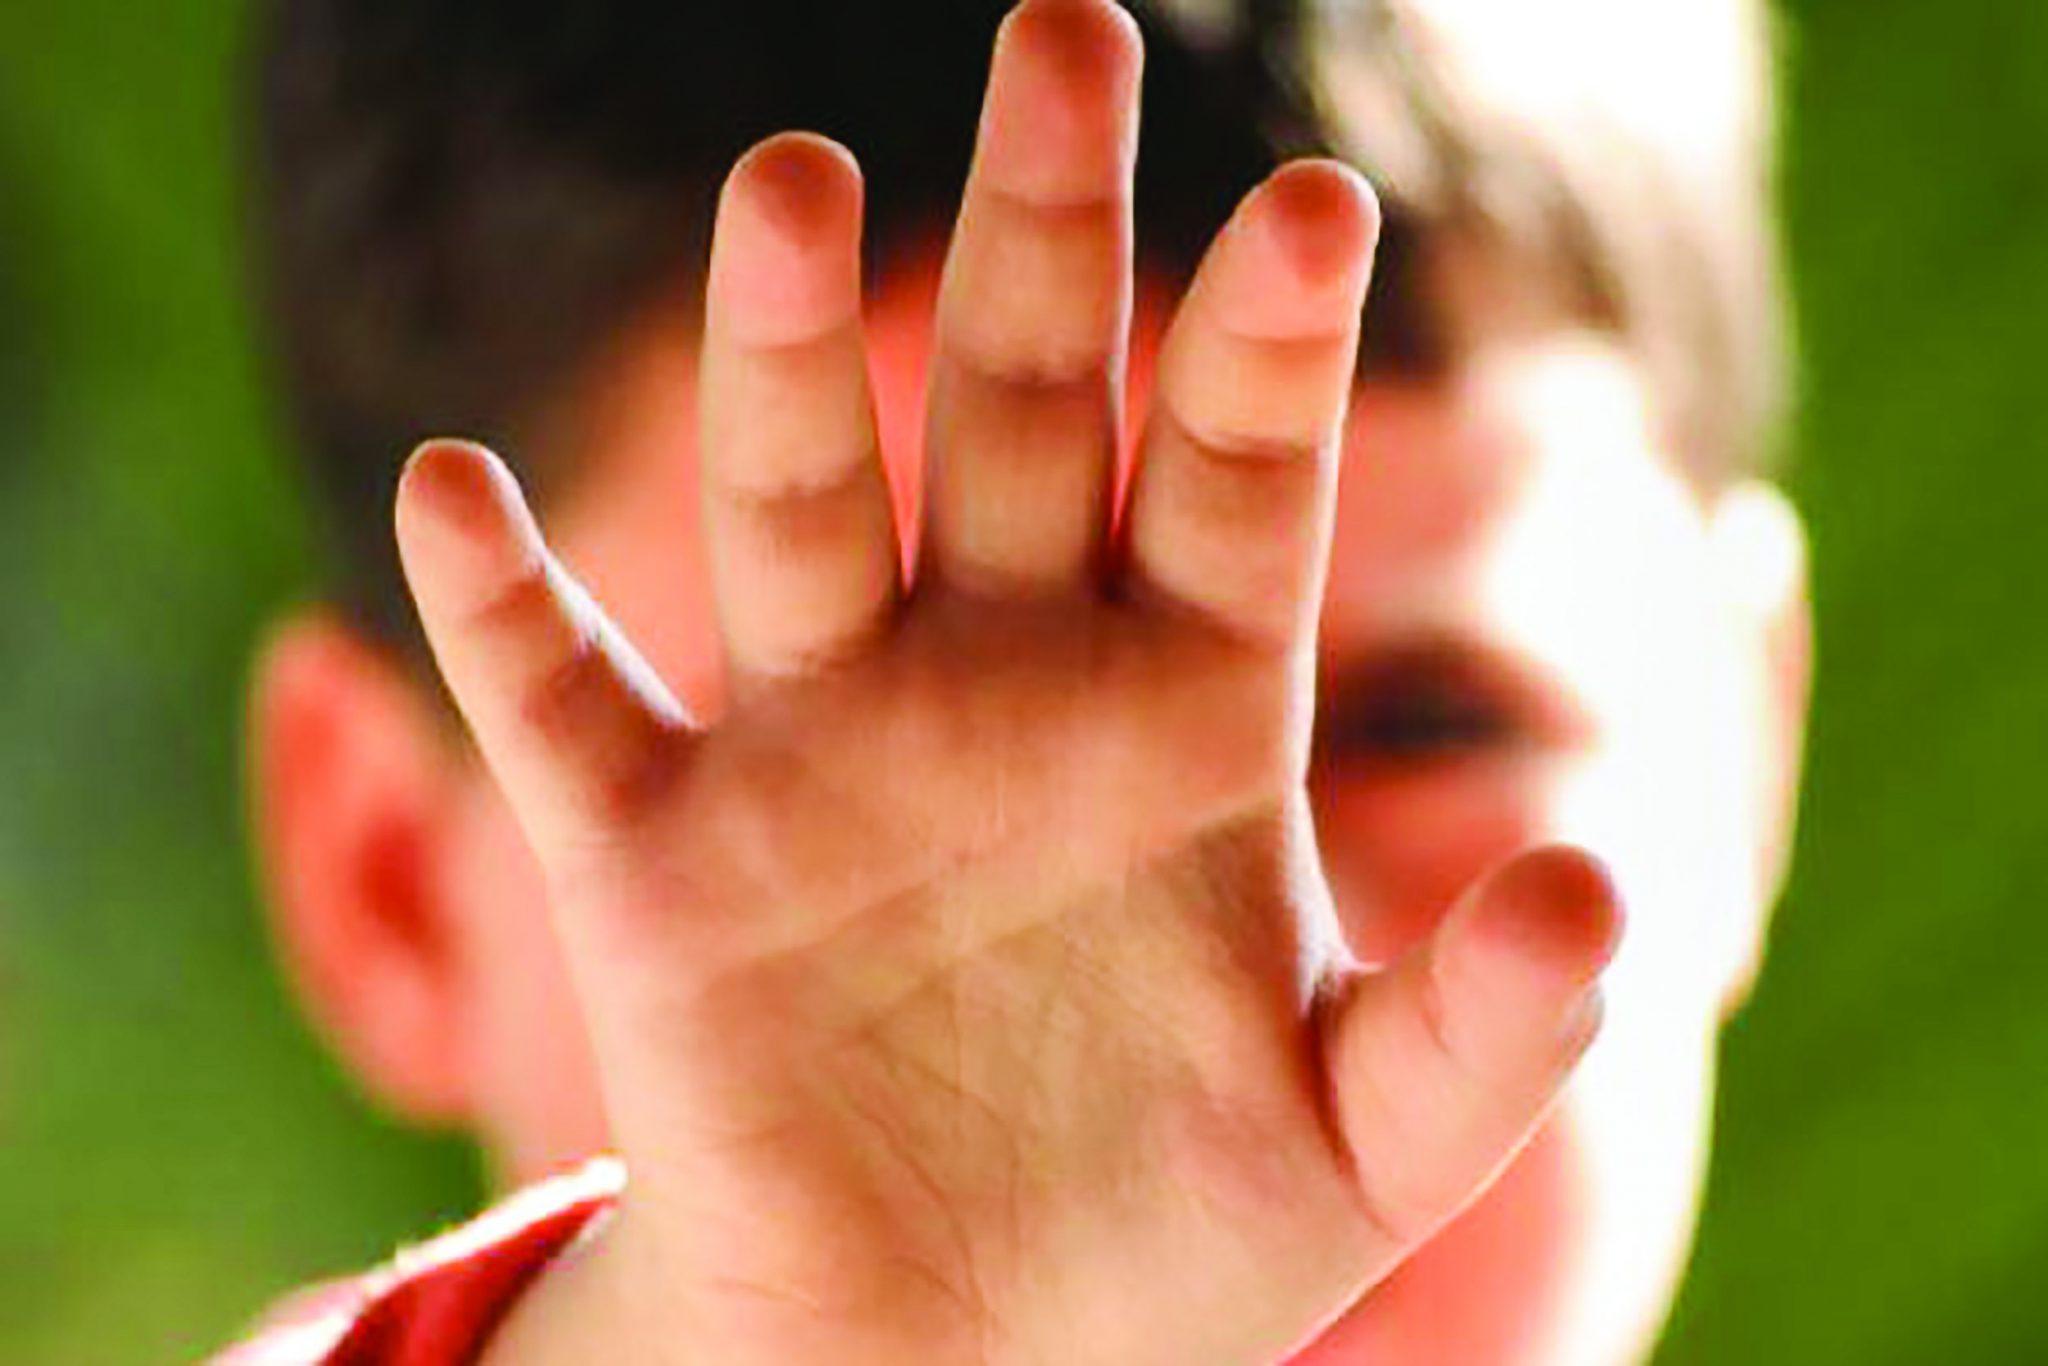 بی گناهان کوچک / نگاهی به آسیب های کودکان در دعواهای والدین